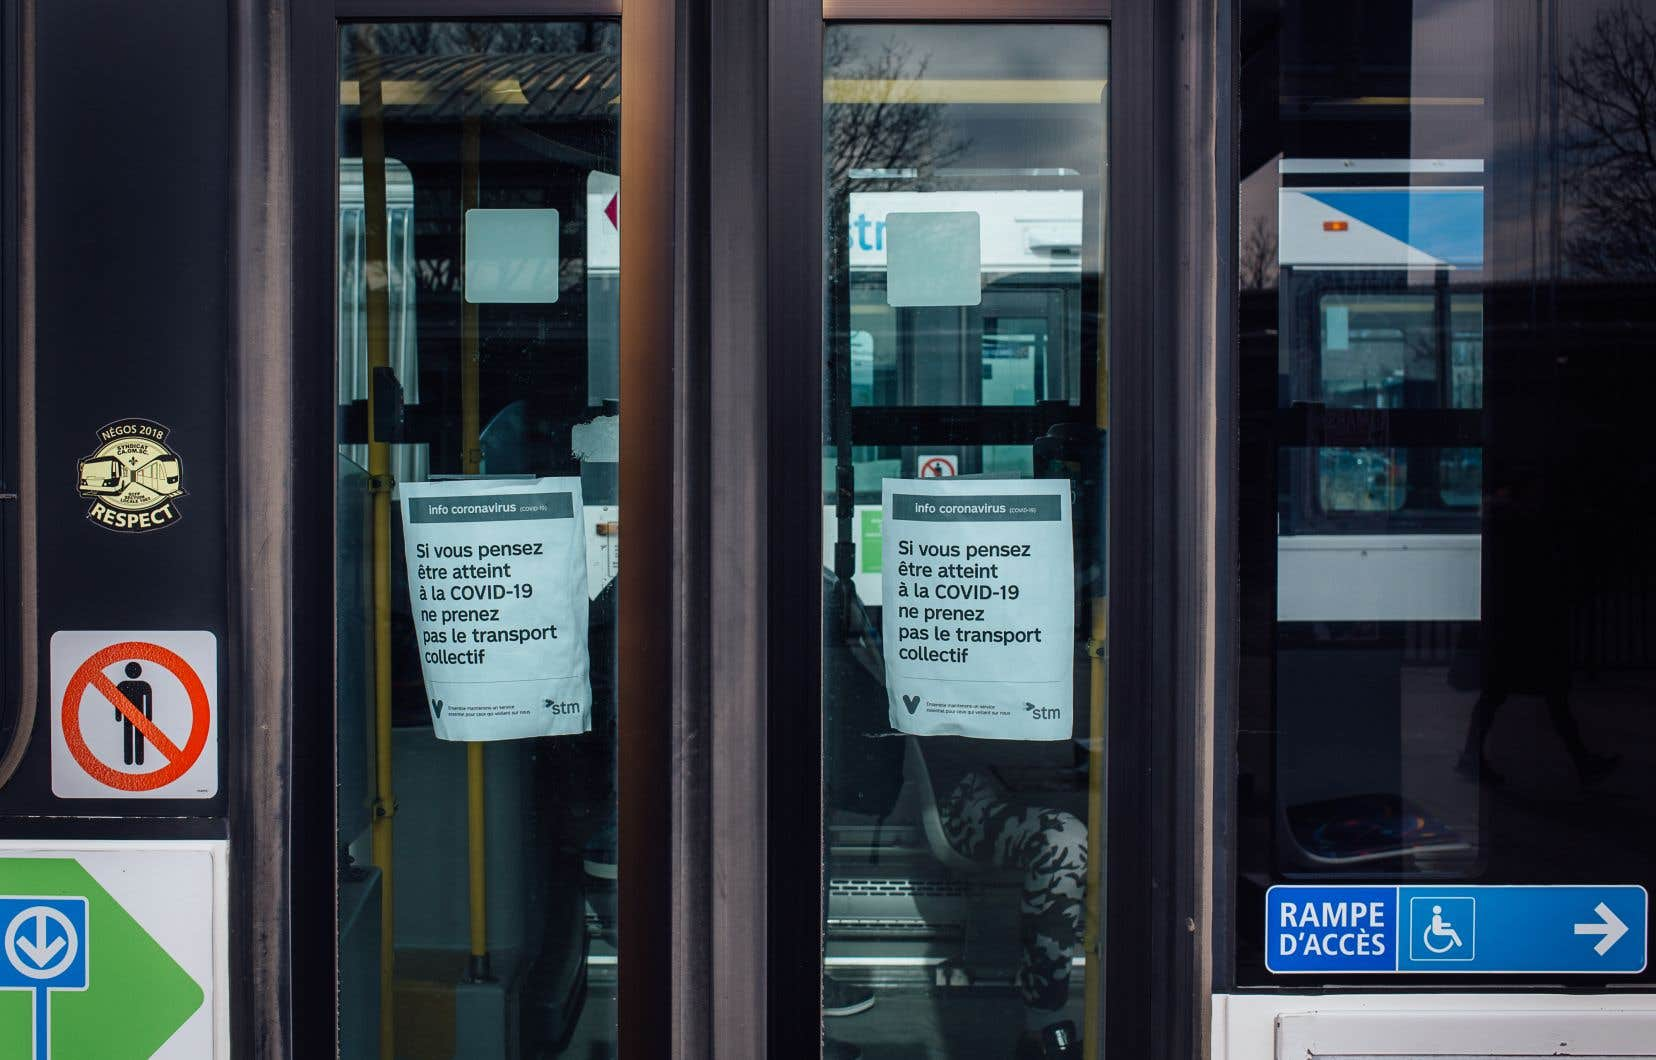 Tous les autobus de la STM seront équipés de panneaux de plexiglas afin de protéger les chauffeurs de la COVID-19.